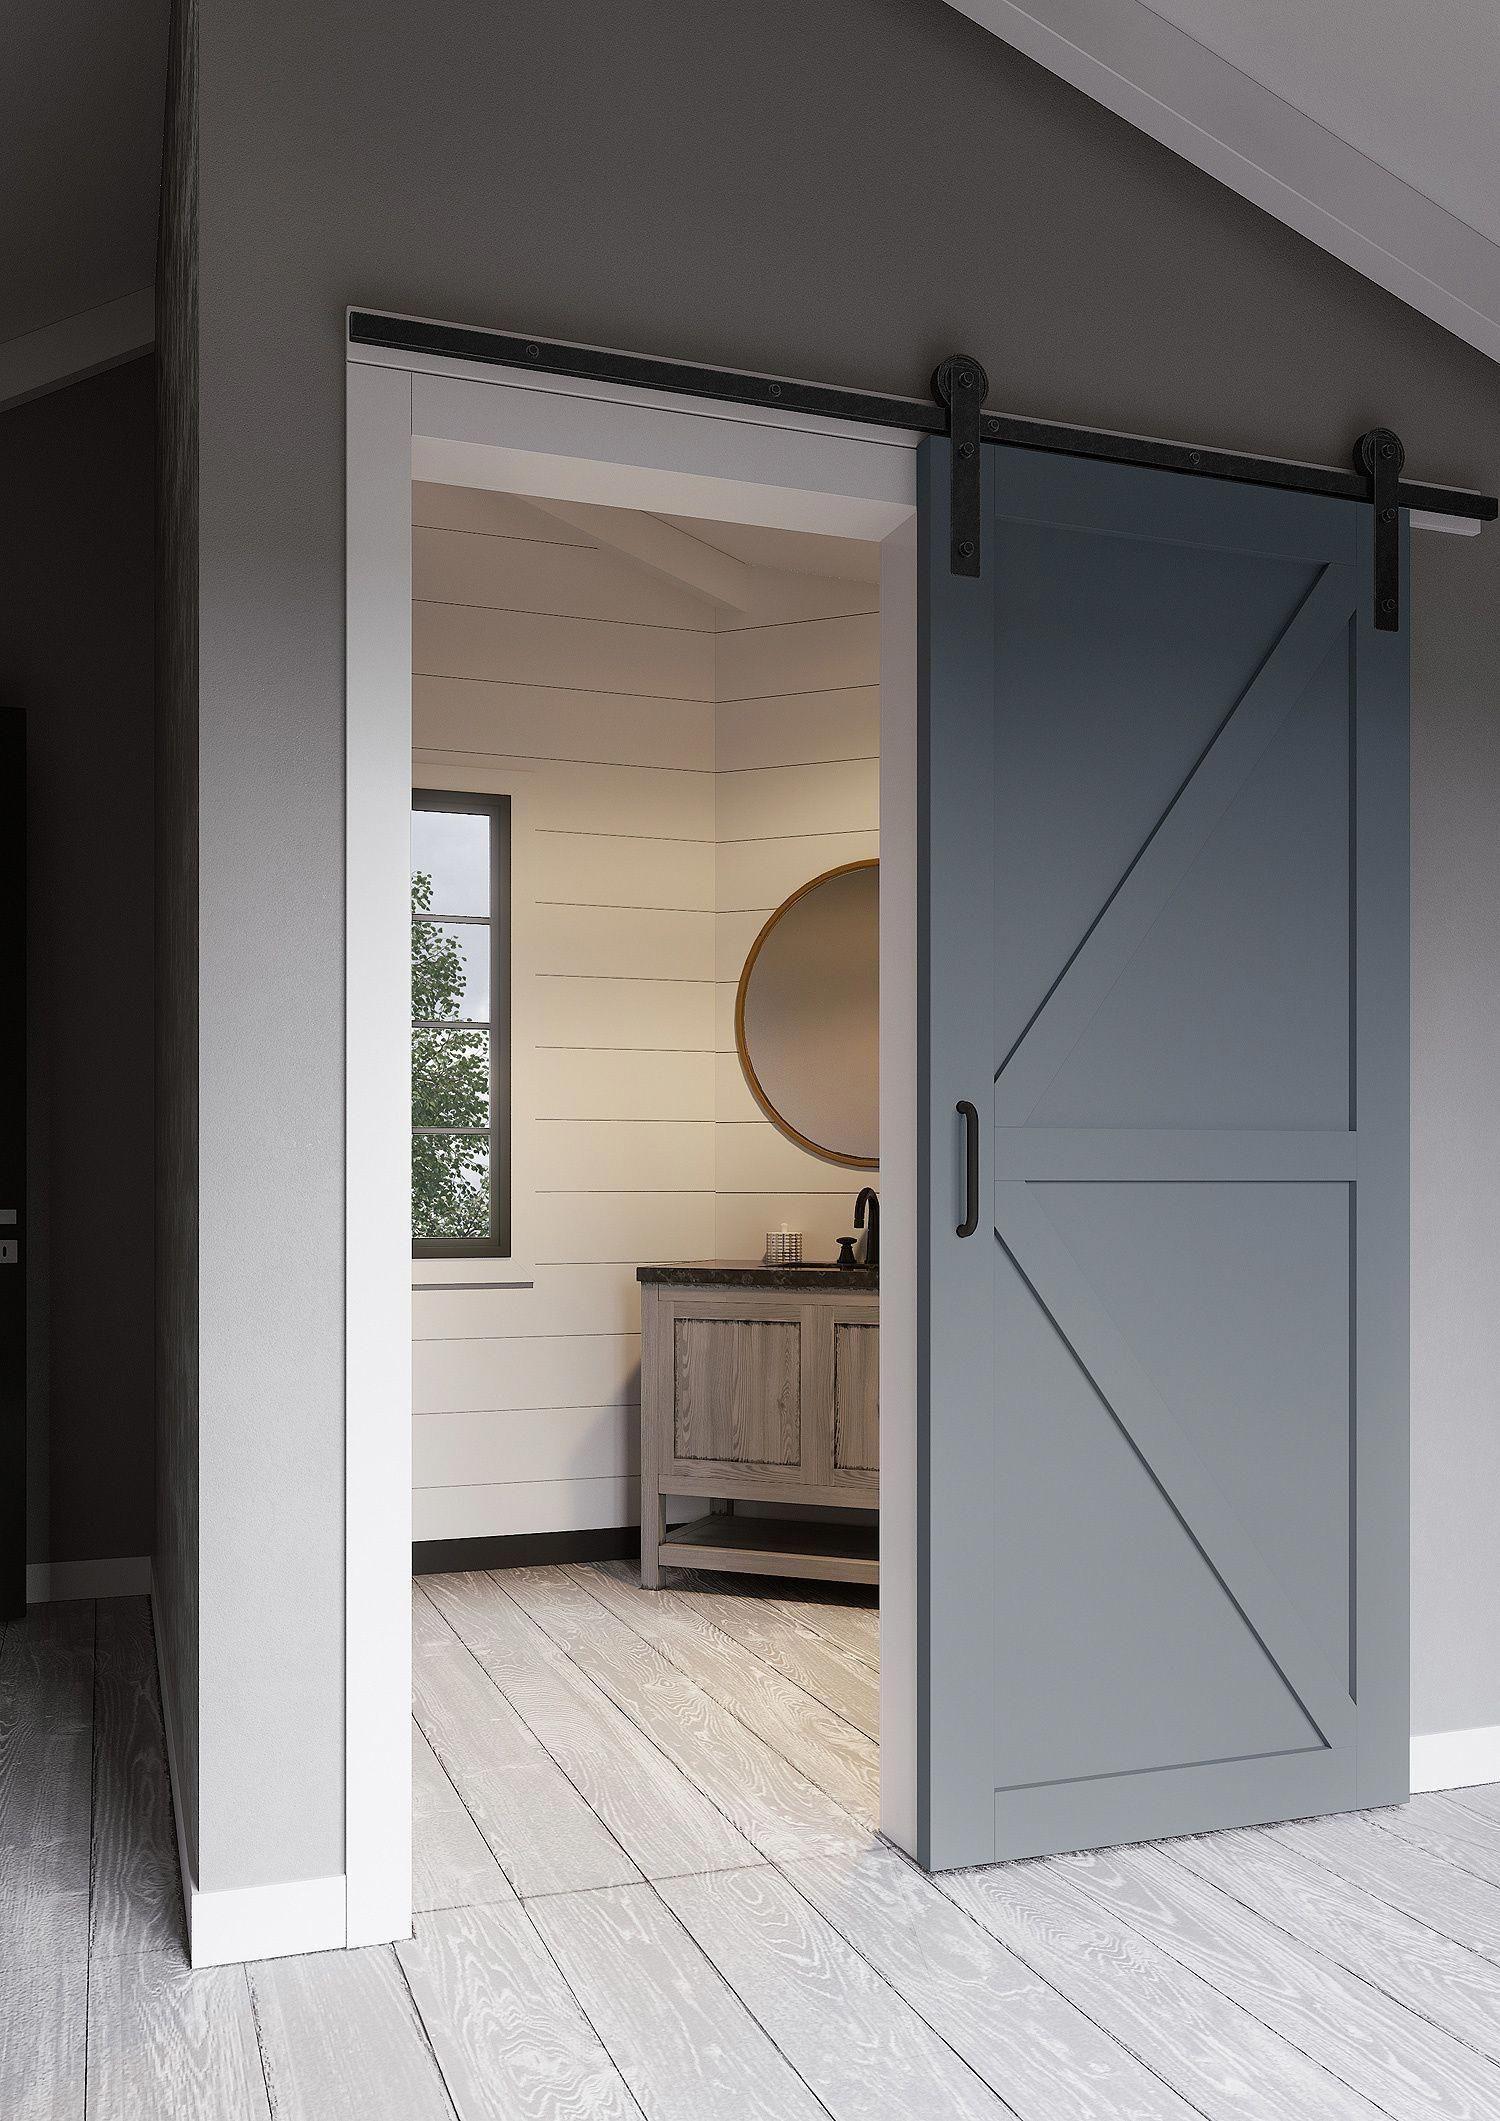 White Interior Barn Door Sliding Glass Barn Doors Interior White Closet Barn Doors 20190418 Barn Door Designs Sliding Door Design Inside Barn Doors